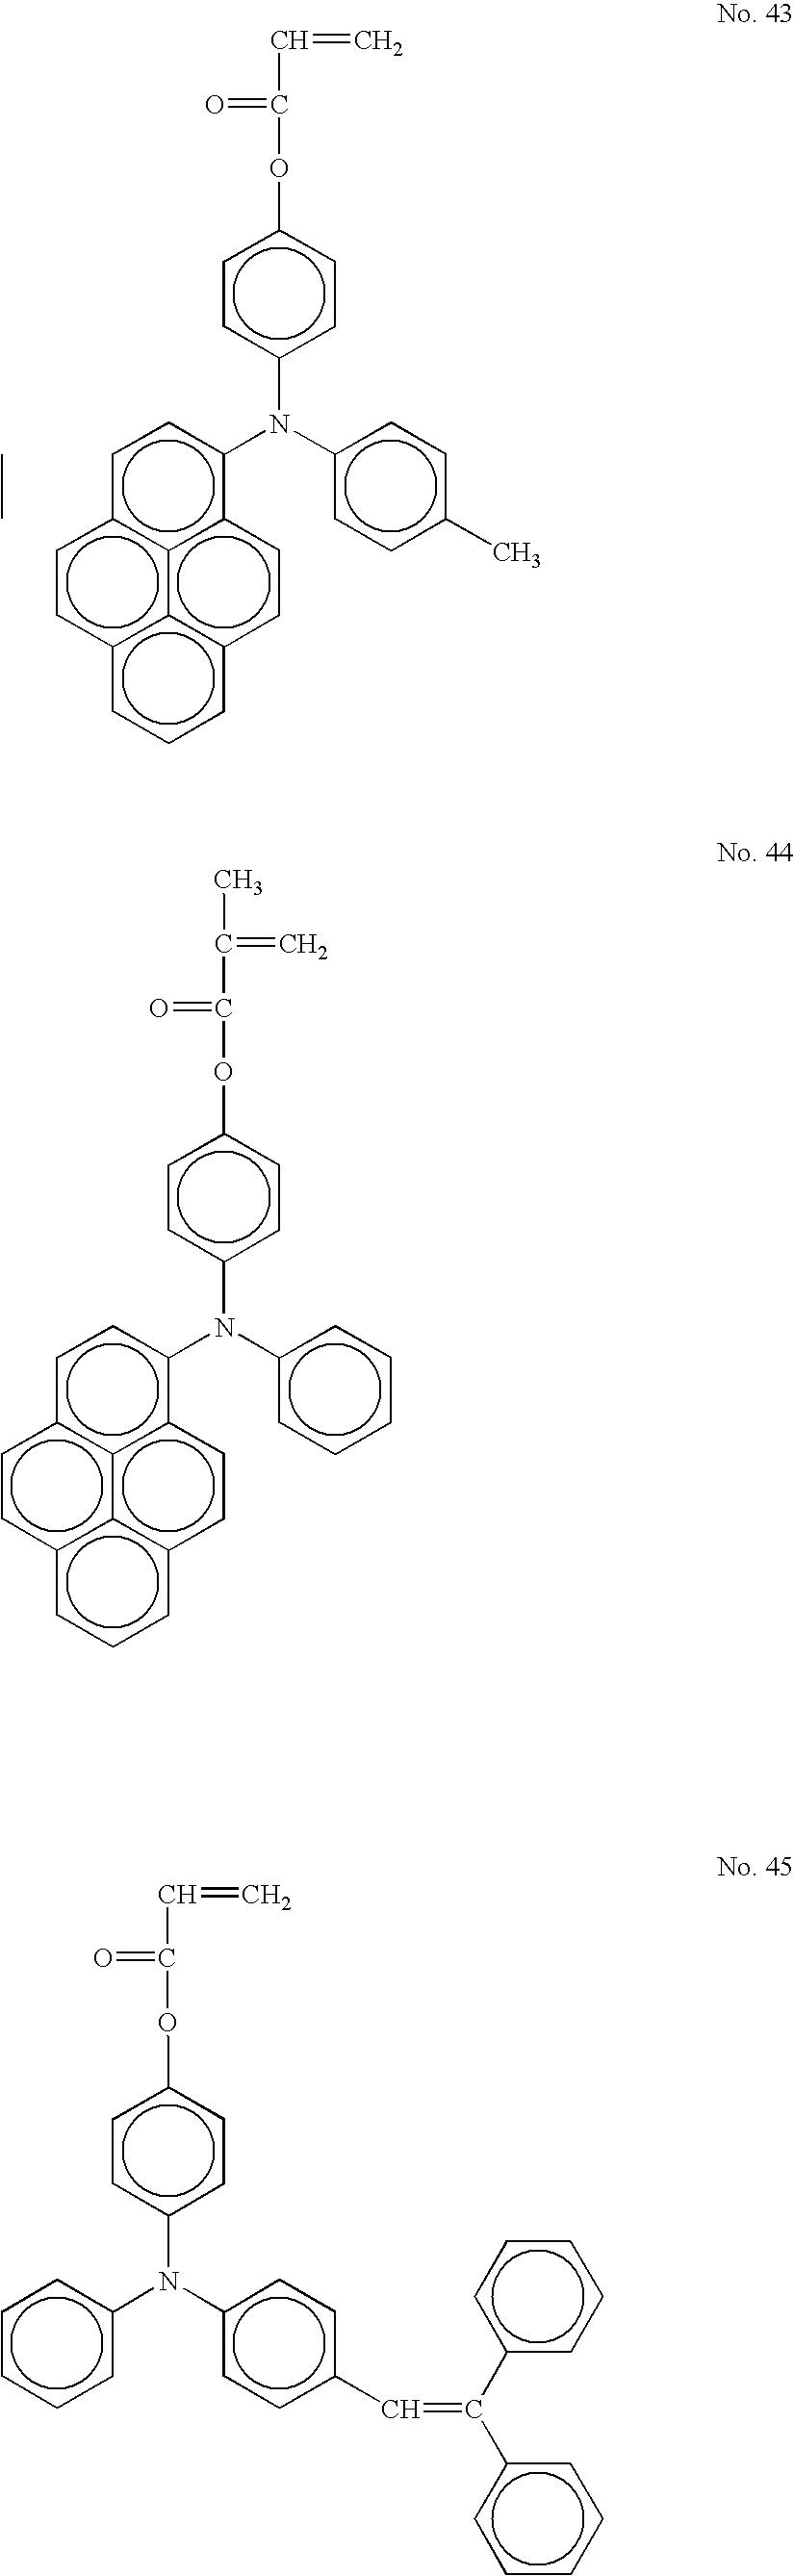 Figure US07175957-20070213-C00026